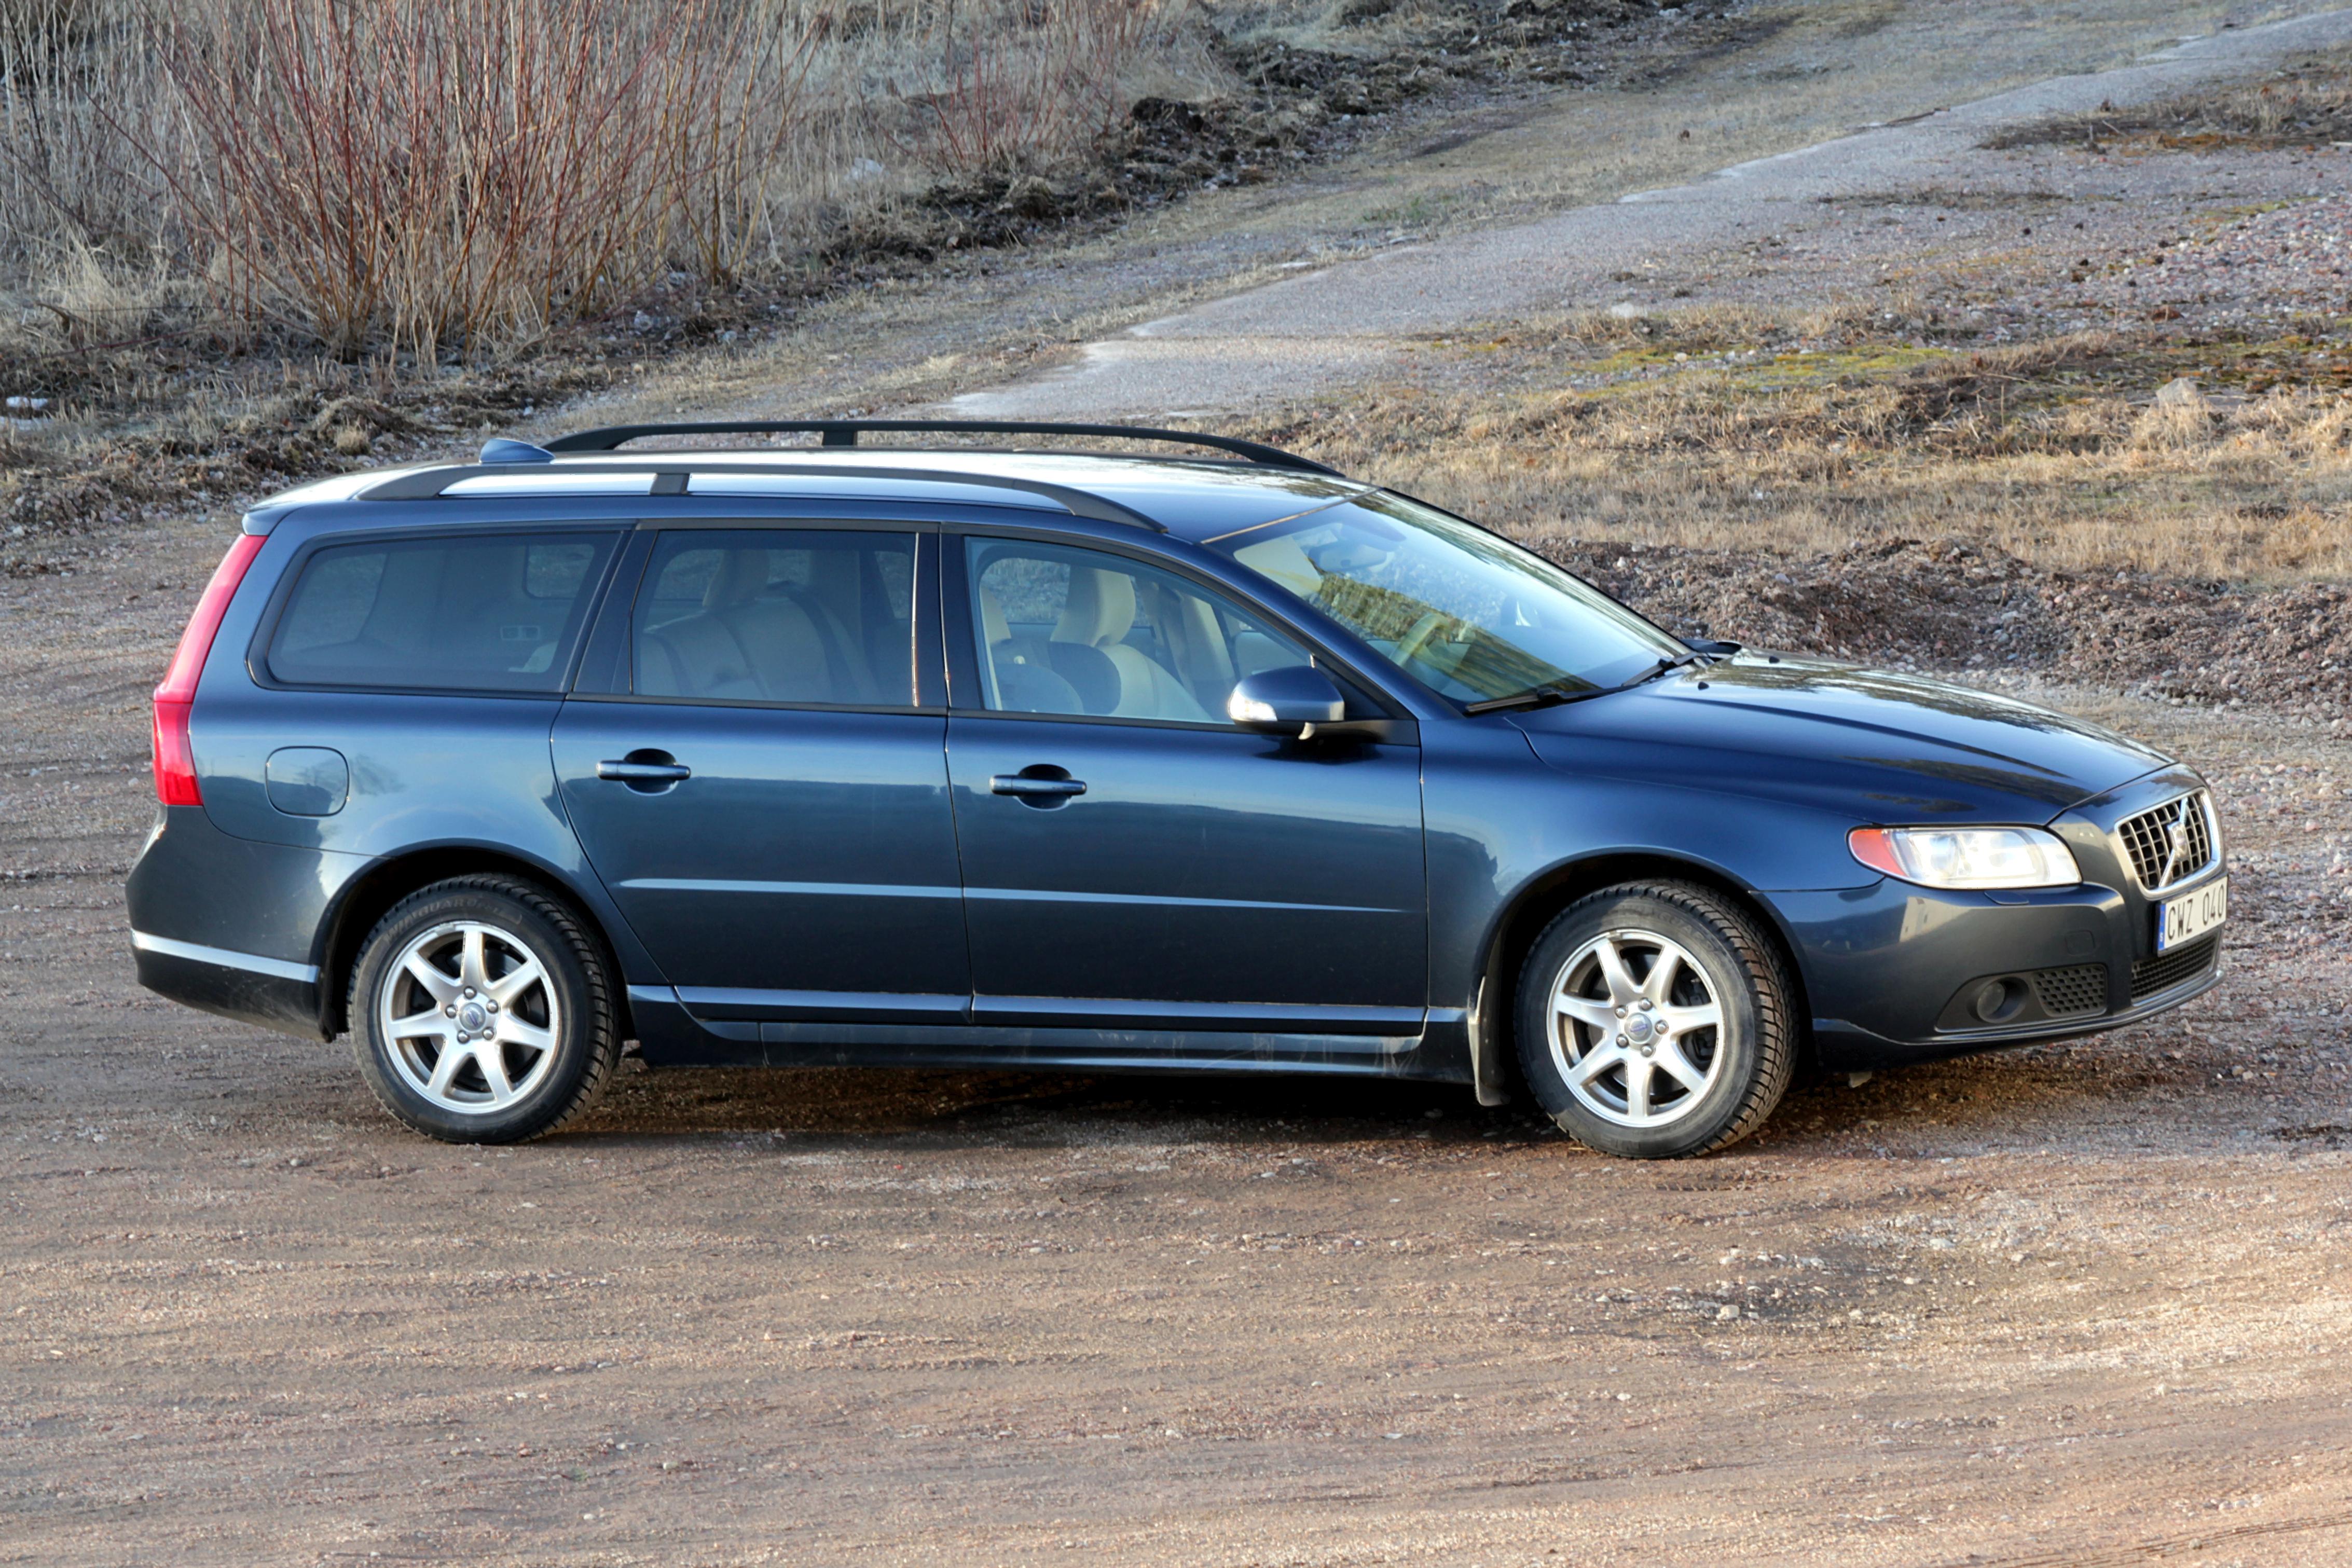 Volvo V70 Wiki >> File:2008 Volvo V70, Avesta.jpg